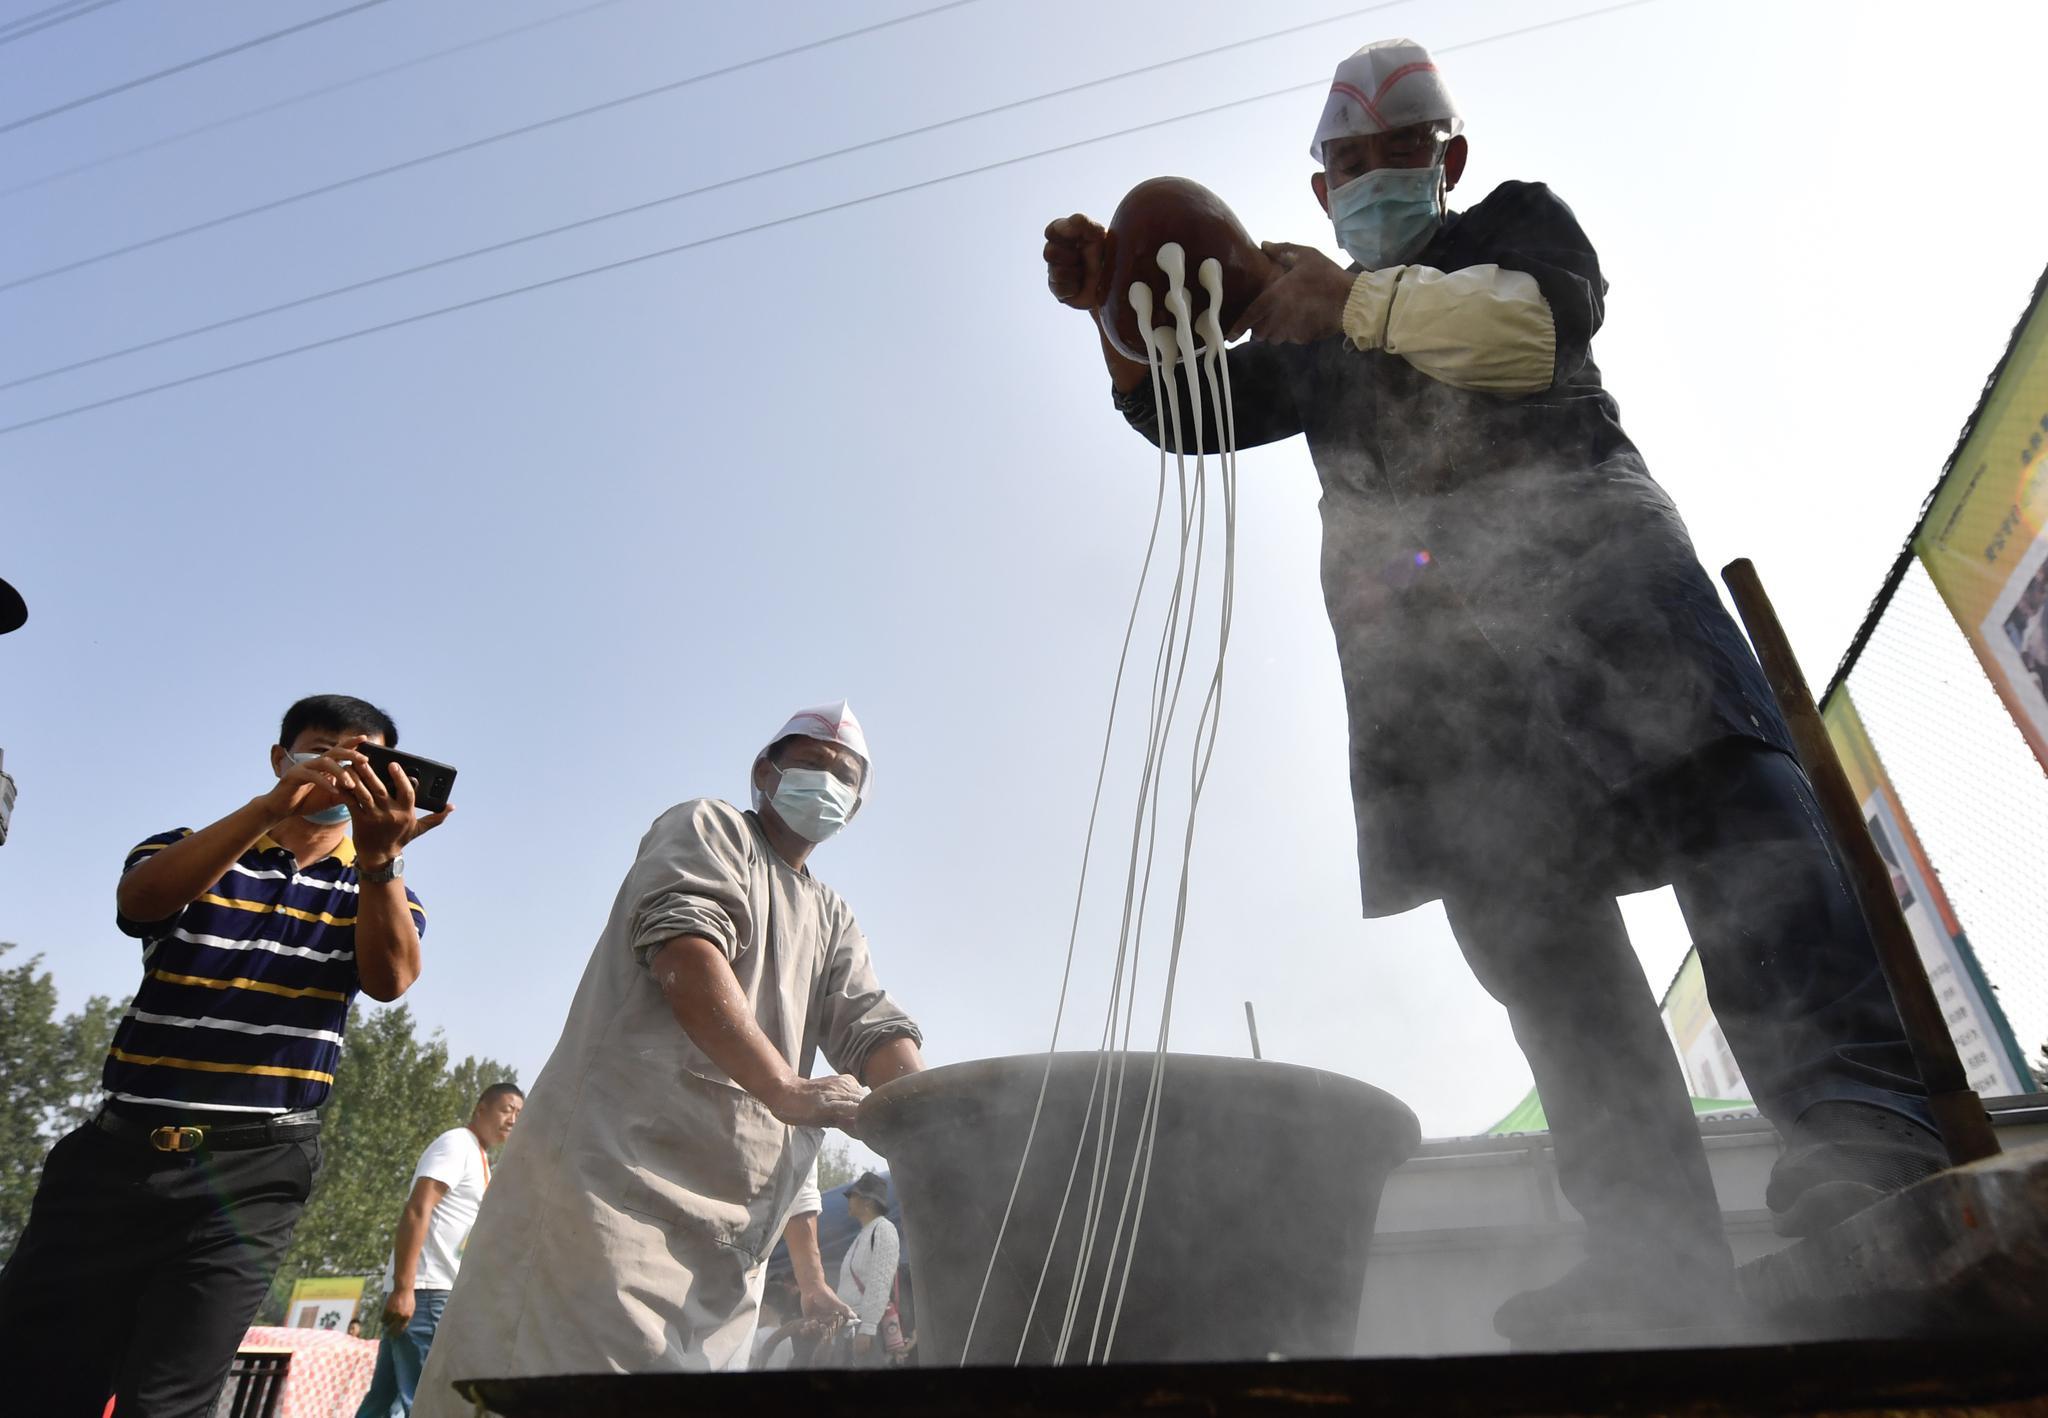 平谷夏各庄红薯文化节开幕,市民体验农事乐趣图片